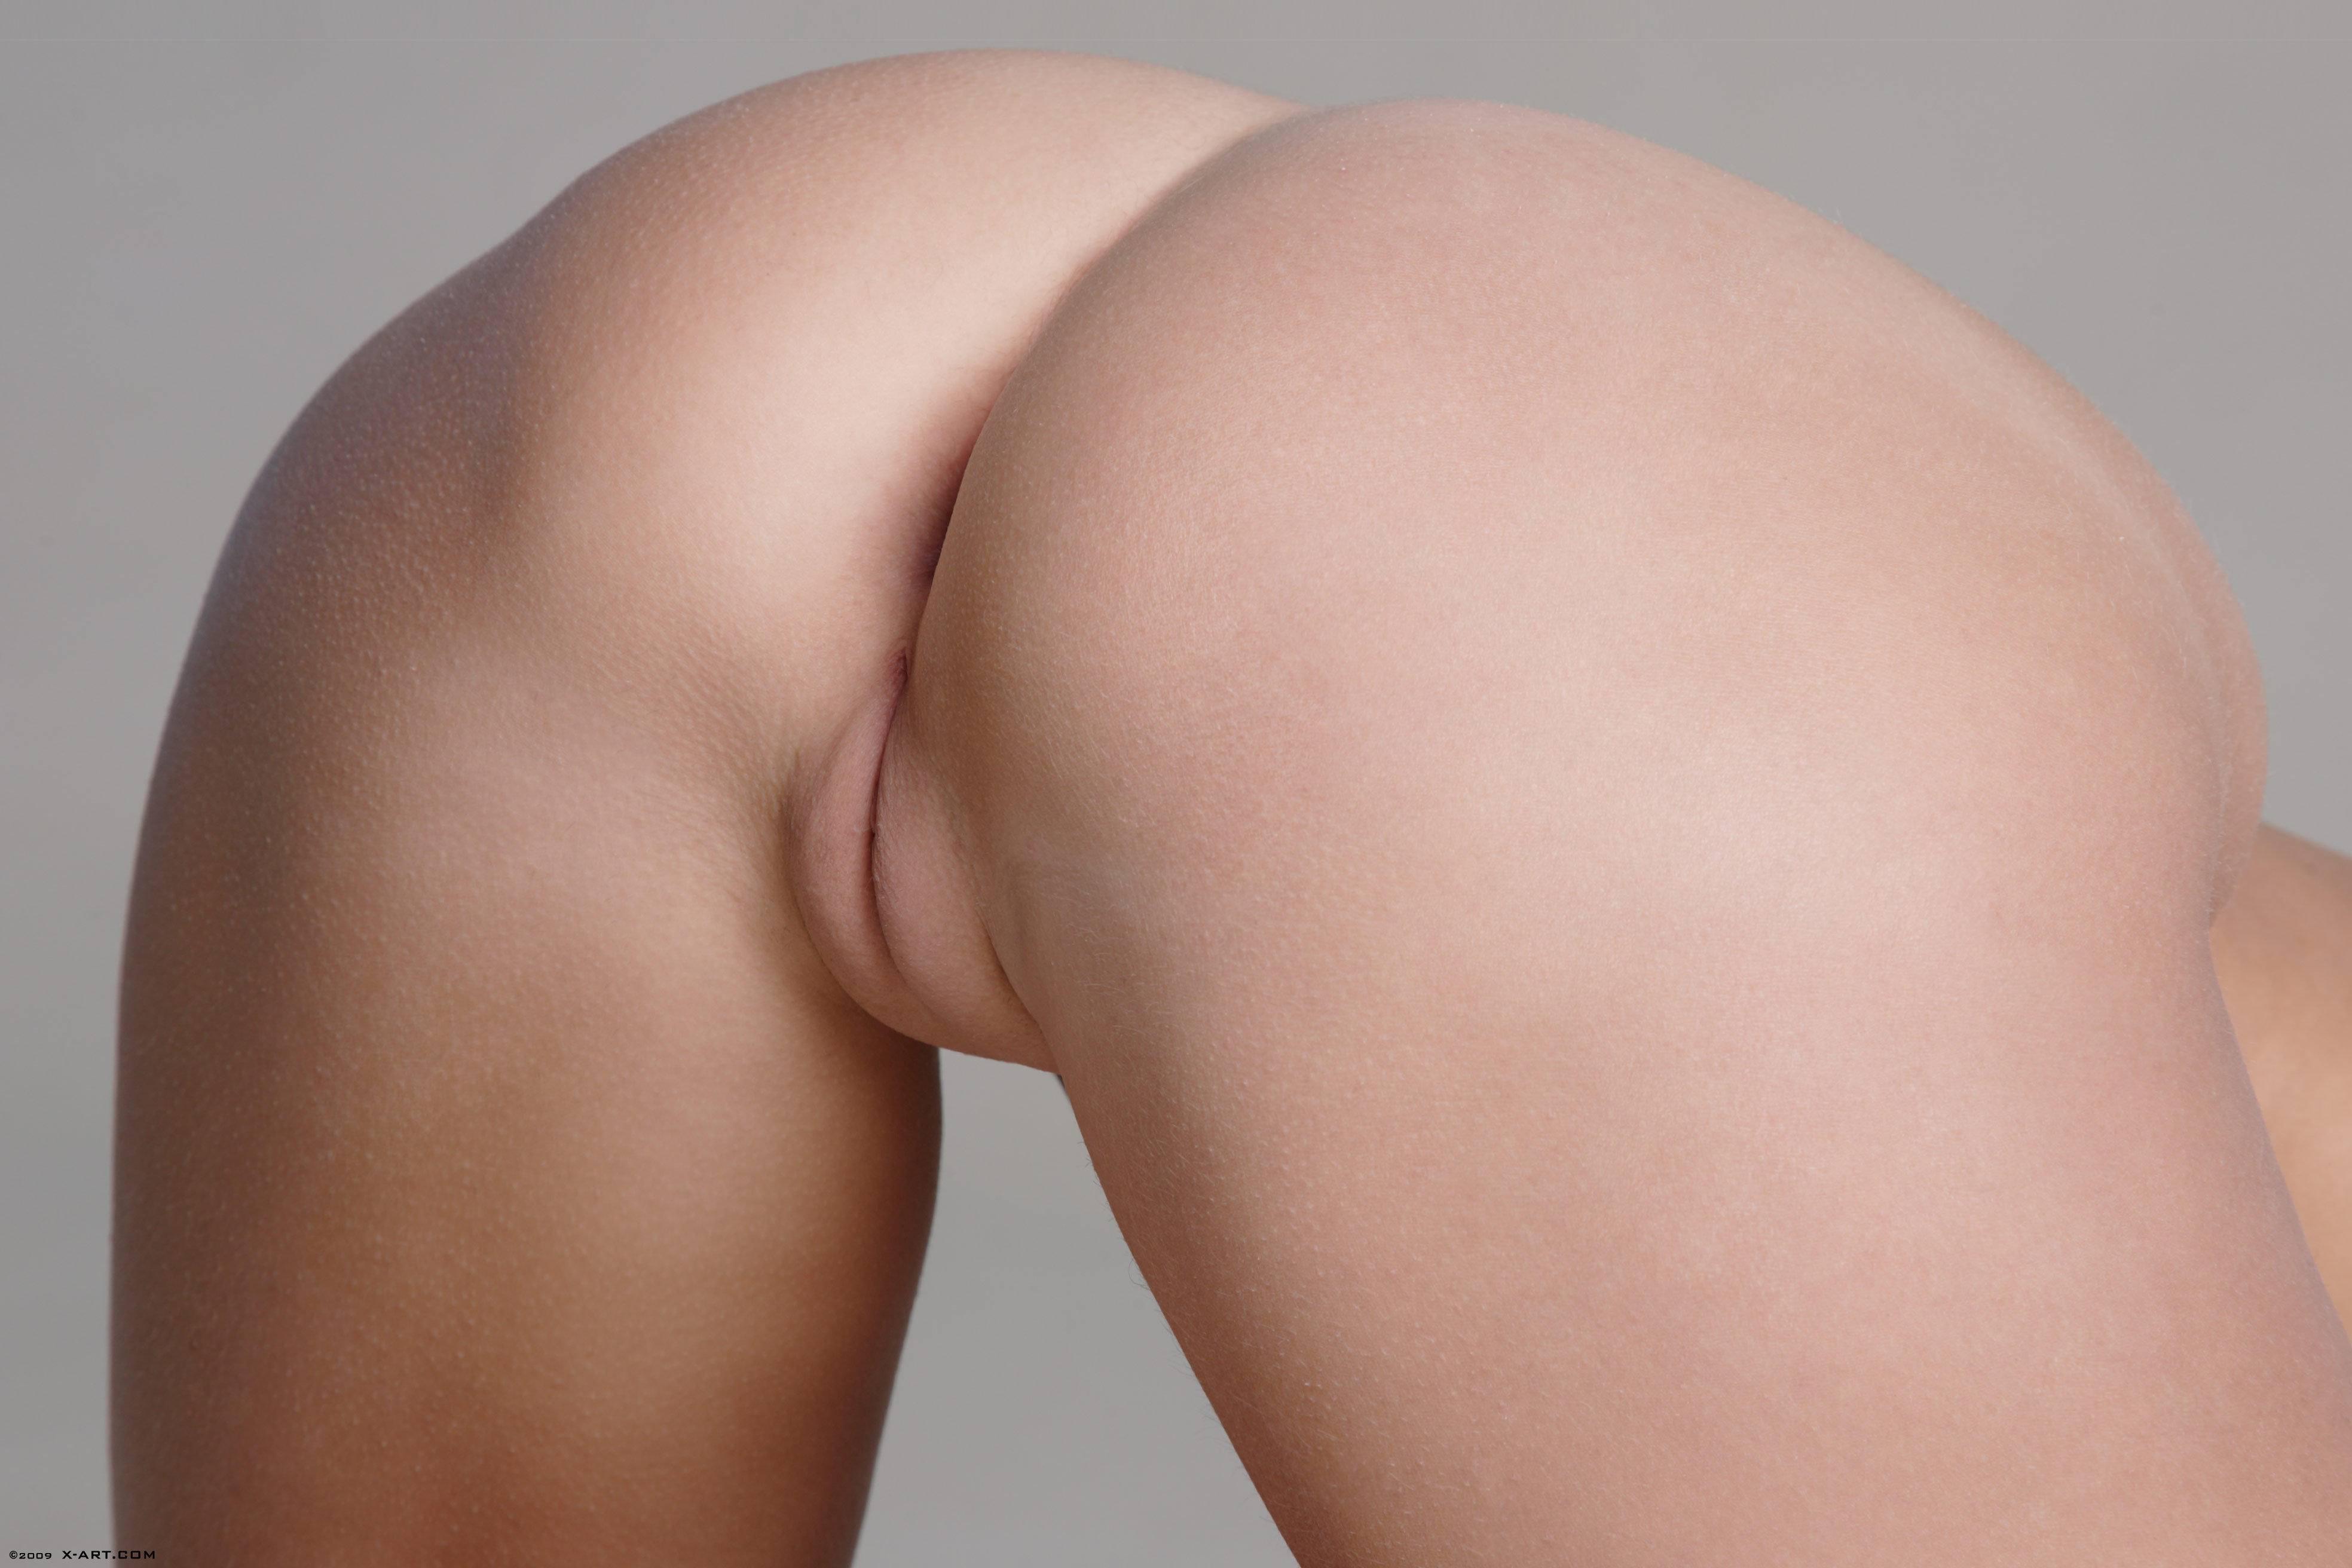 Aunty nude hot sex stills